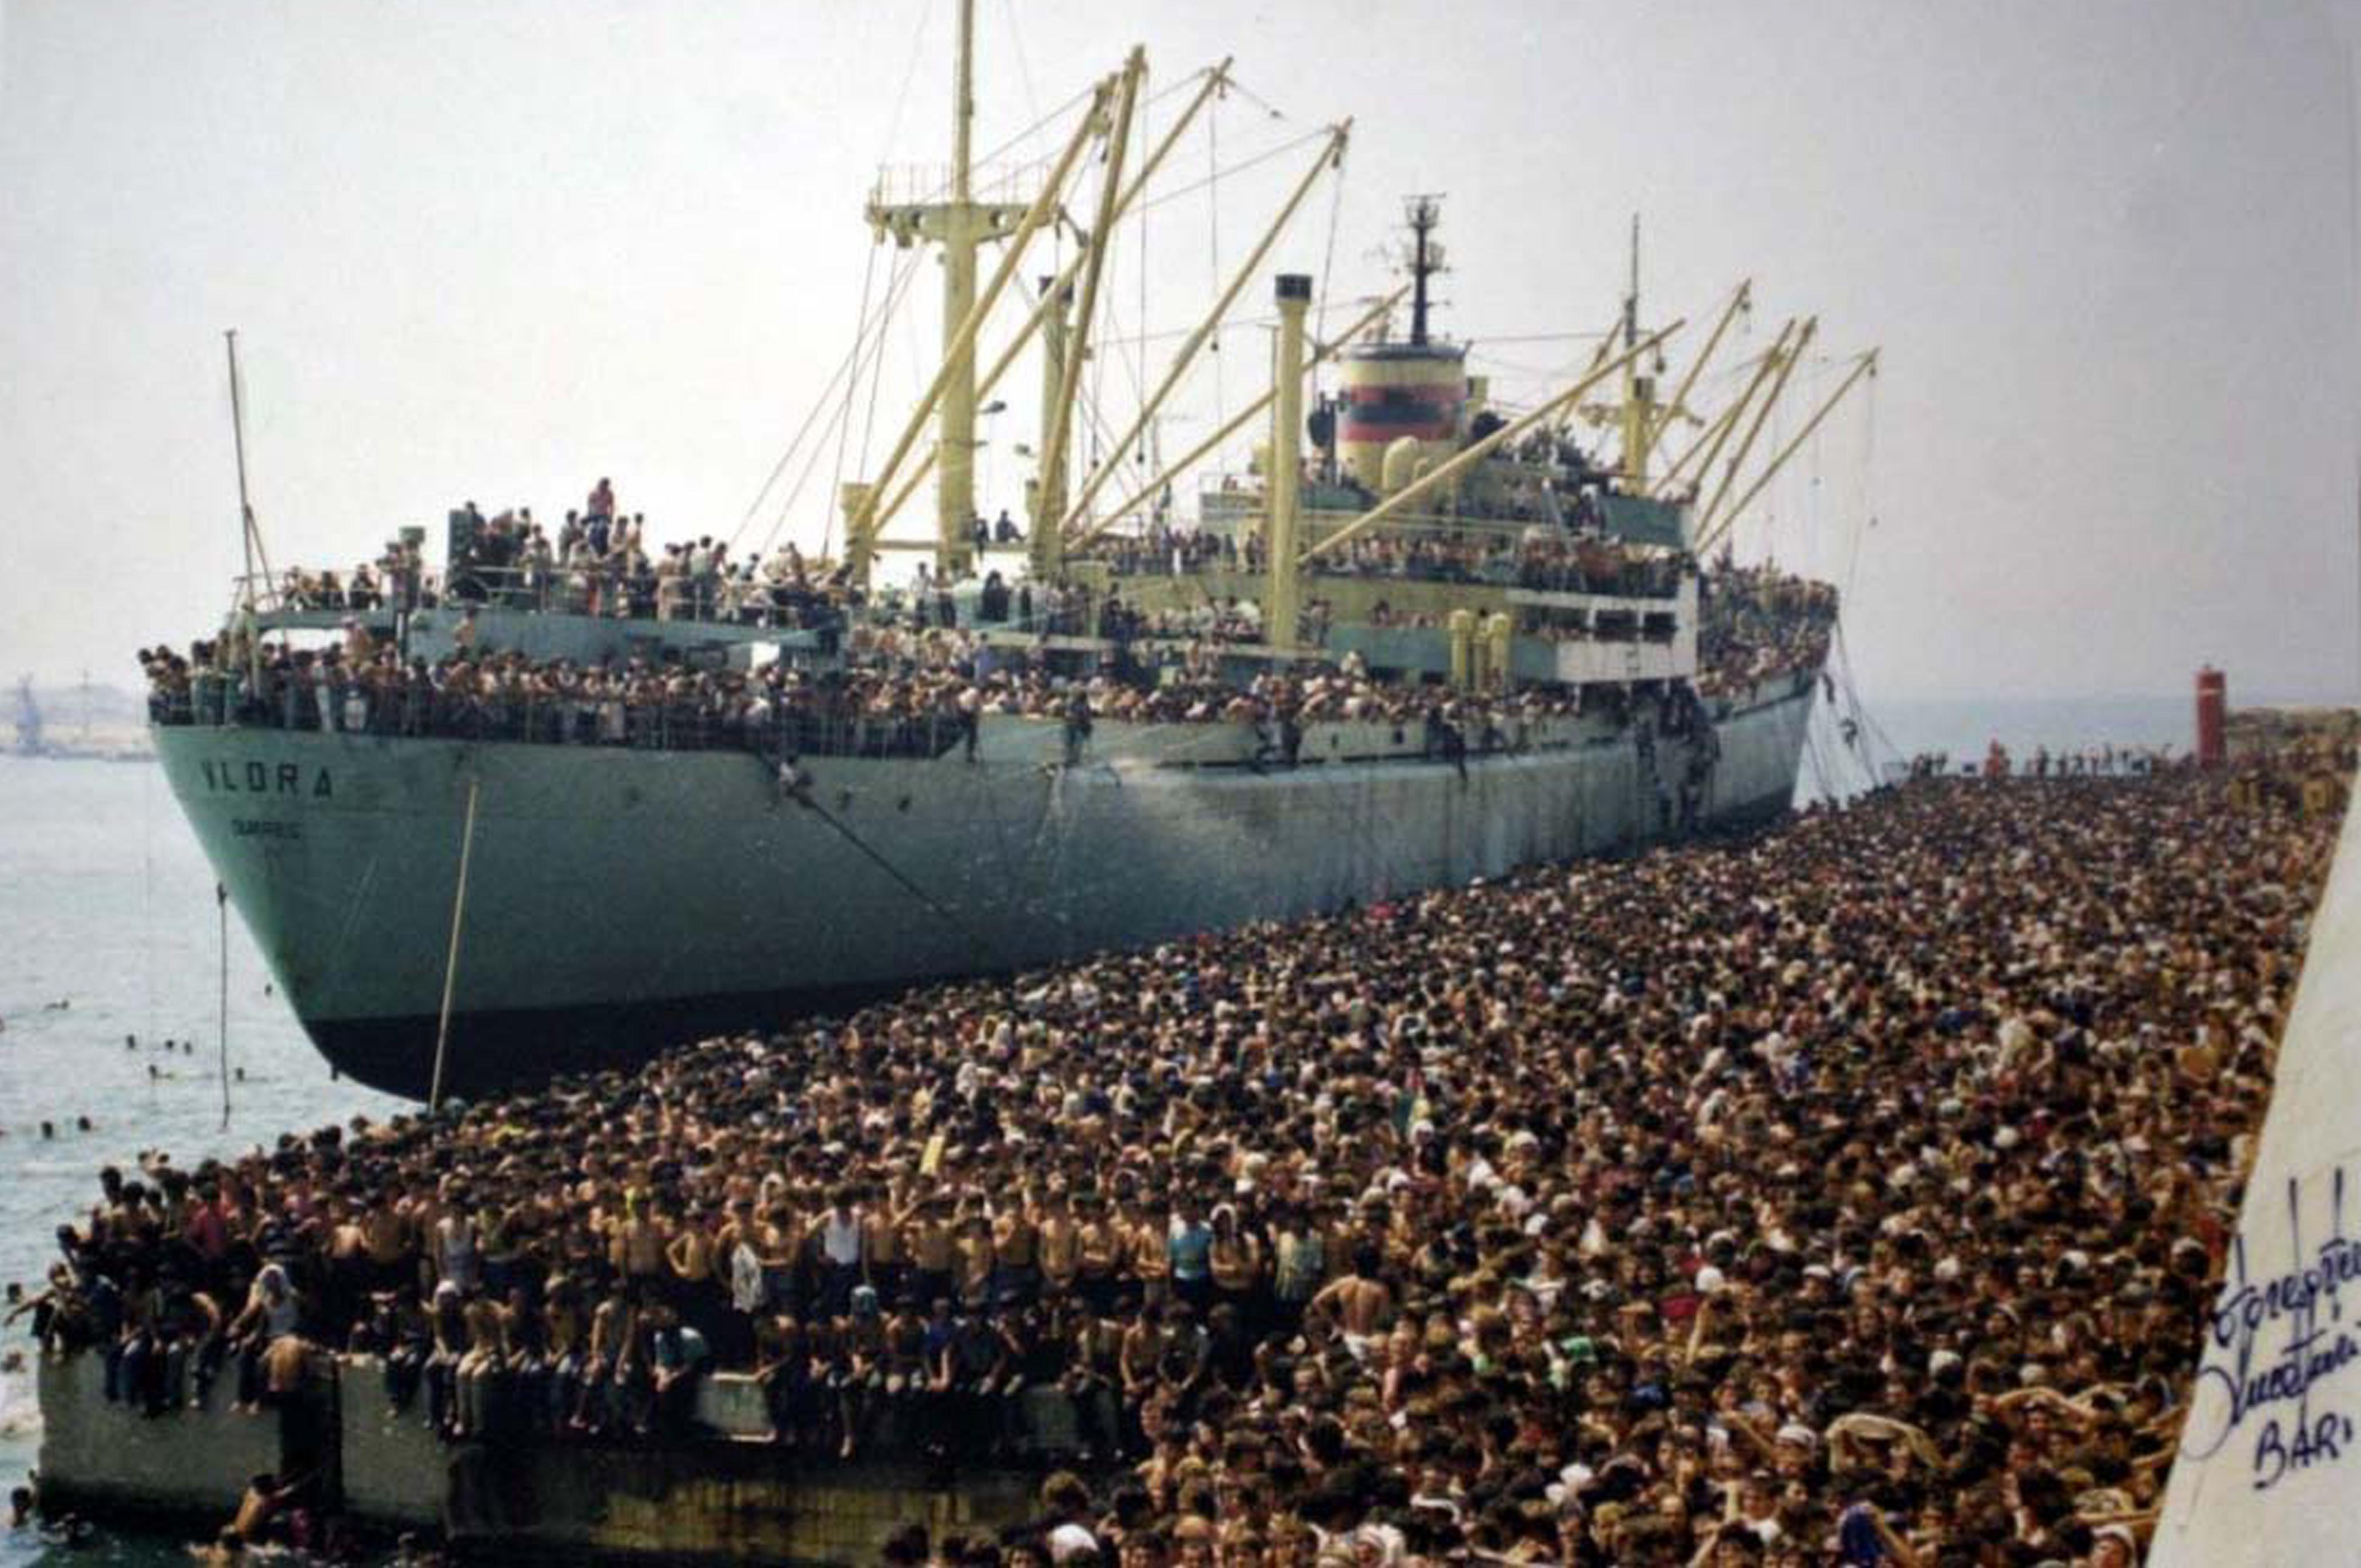 Profughi della Vlora in banchina a Bari 8 agosto 1991